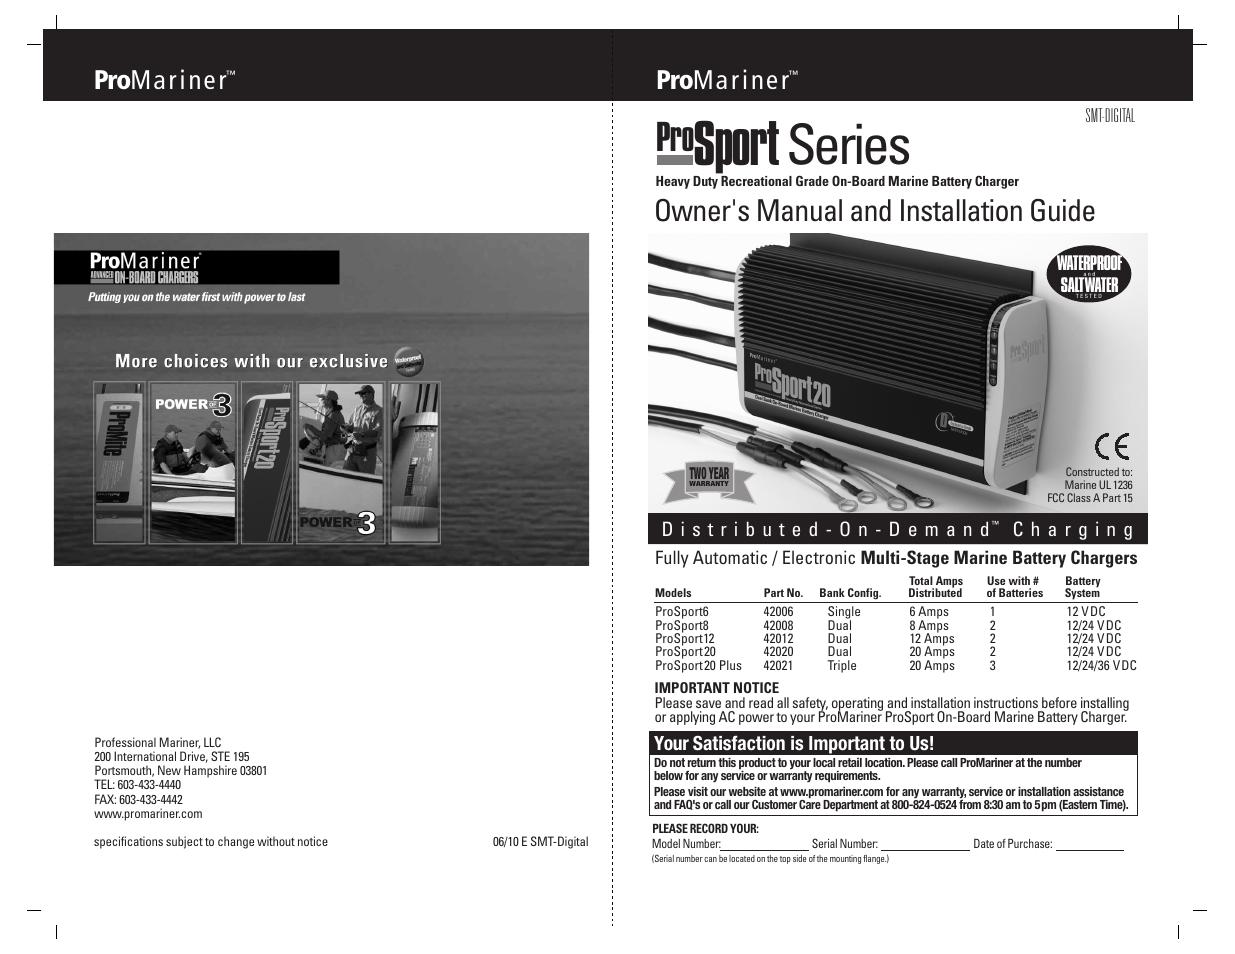 promariner prosport smt user manual 14 pages. Black Bedroom Furniture Sets. Home Design Ideas